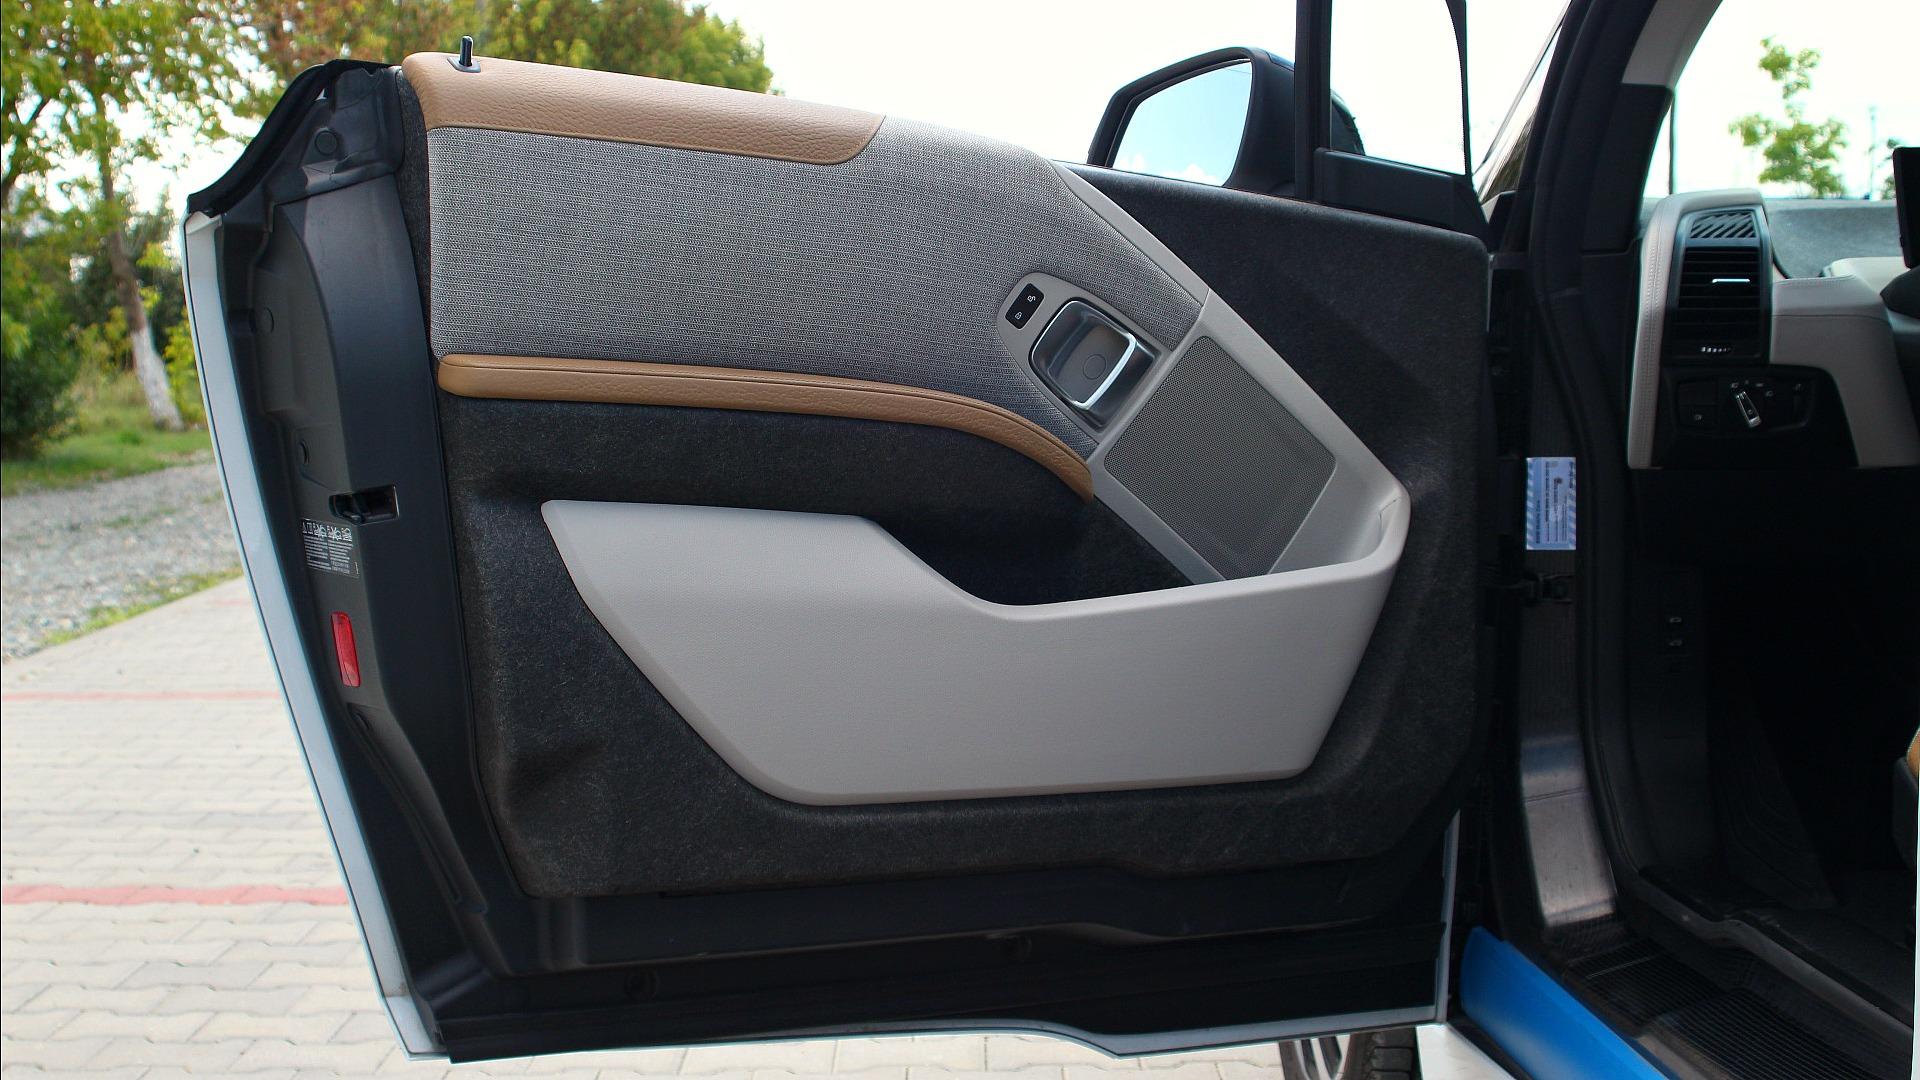 BMW i3 Interior (2)